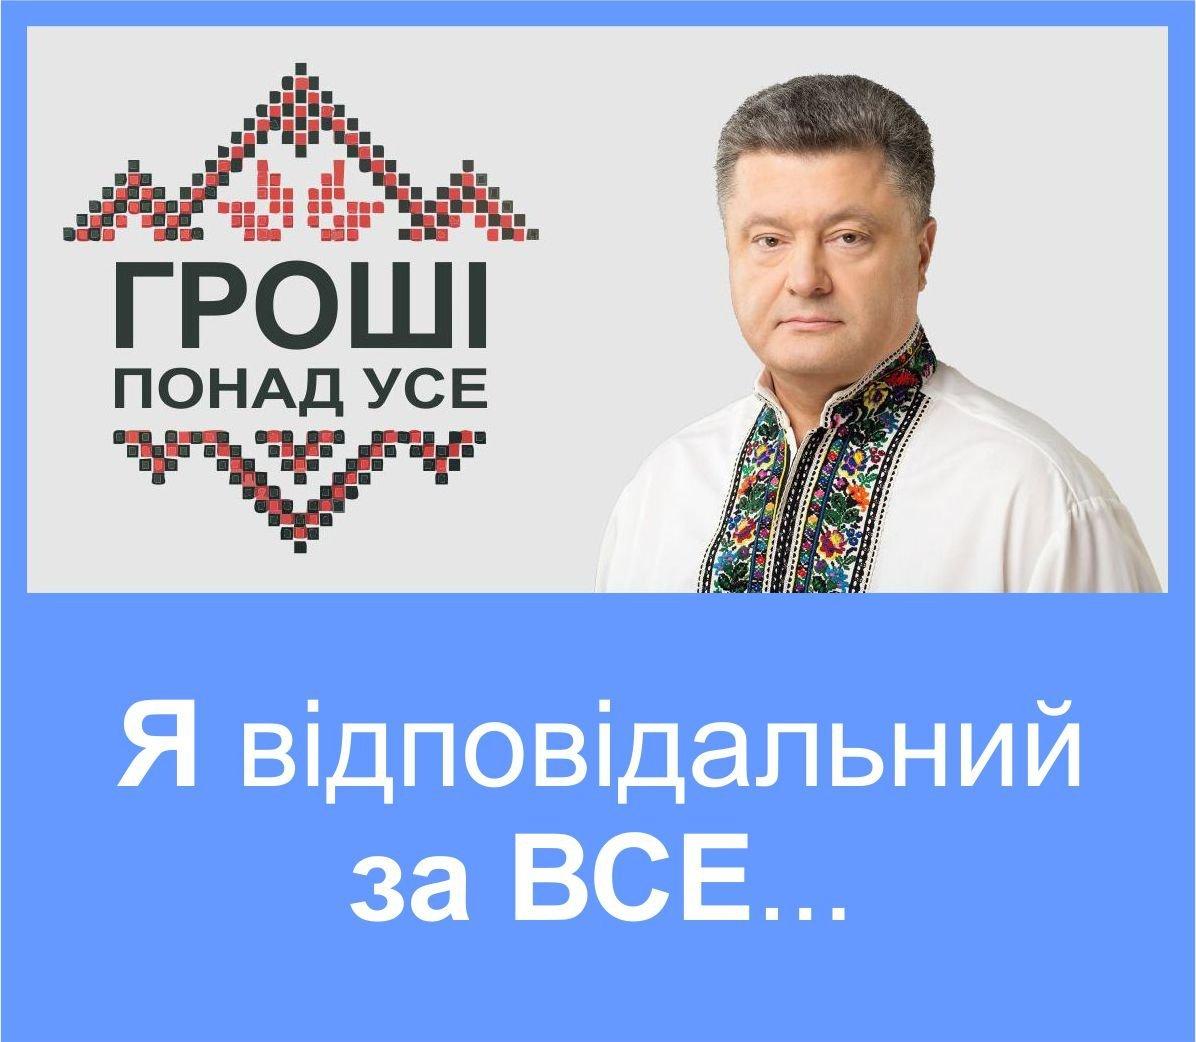 """Лещенко о коалиции: """"Если сегодня ничего не будет, то она будет, скорее, только после 7-го числа"""" - Цензор.НЕТ 4241"""